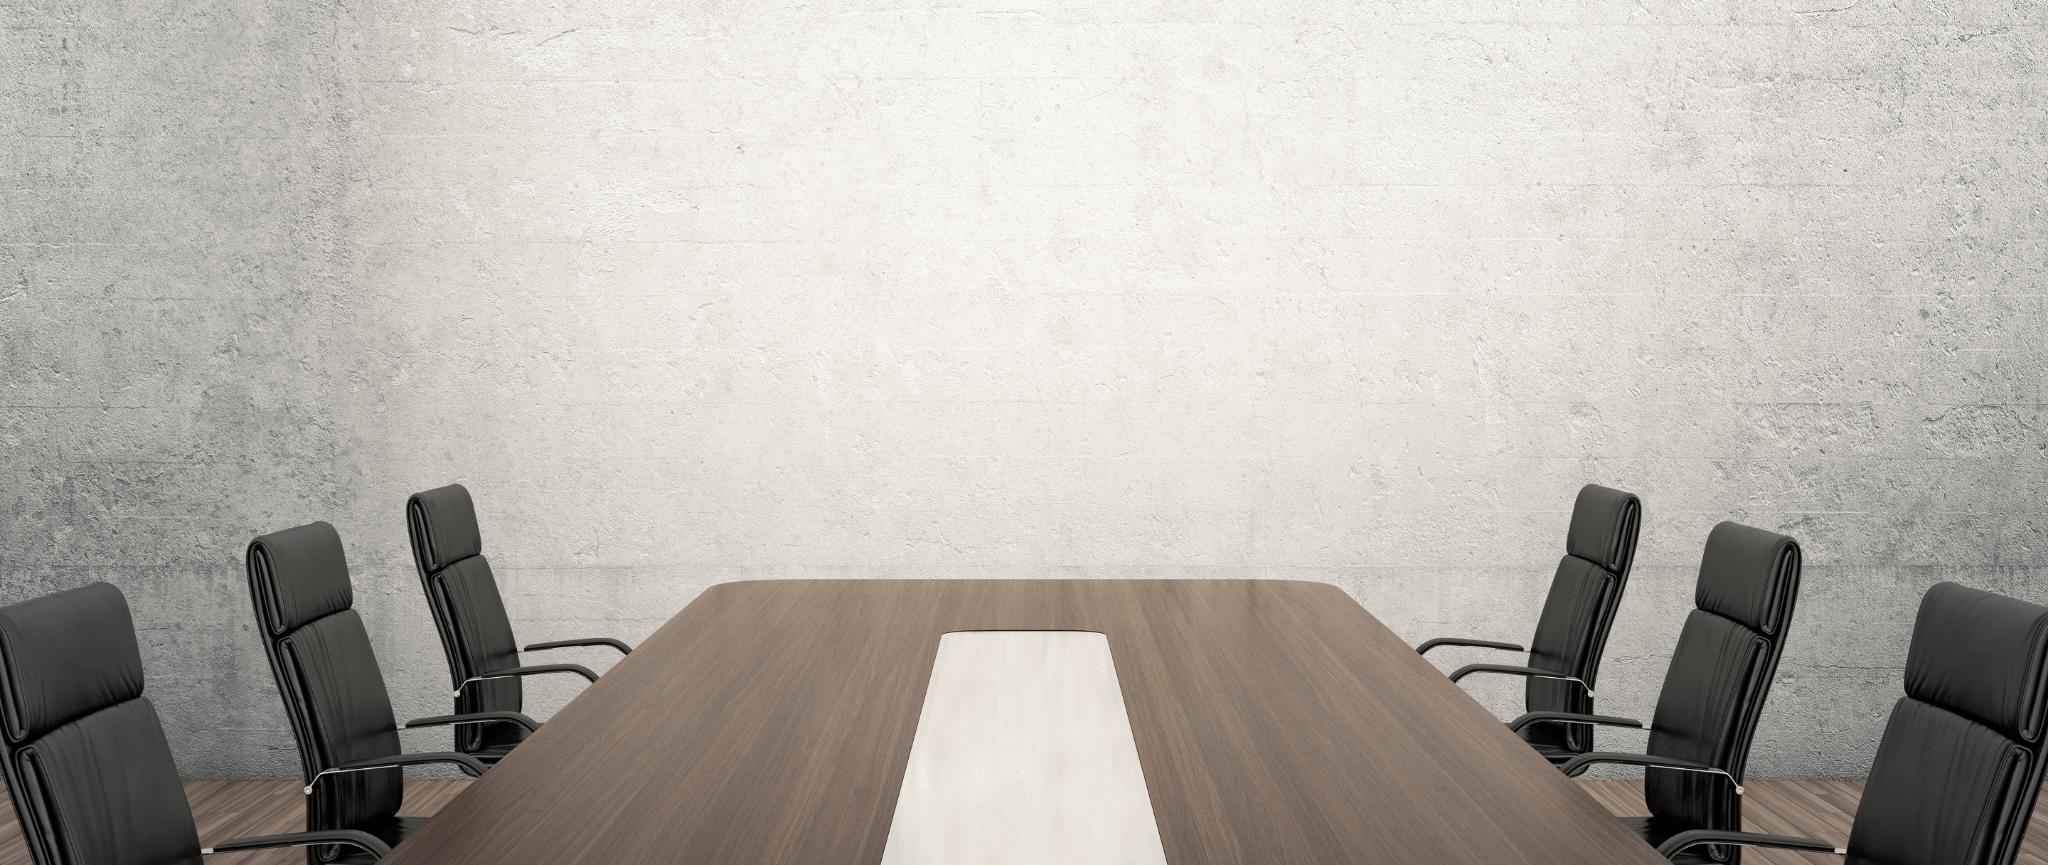 Une salle de rencontre avec une grande table en bois avec six chaises de bureau en cuir noir autour de la table